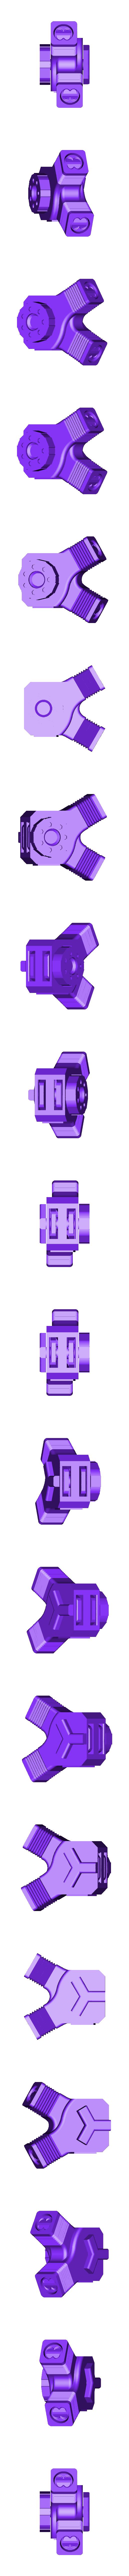 Print in Place V-Twin.stl Télécharger fichier STL gratuit Imprimez en place le moteur V-Twin ! • Plan pour impression 3D, SunShine